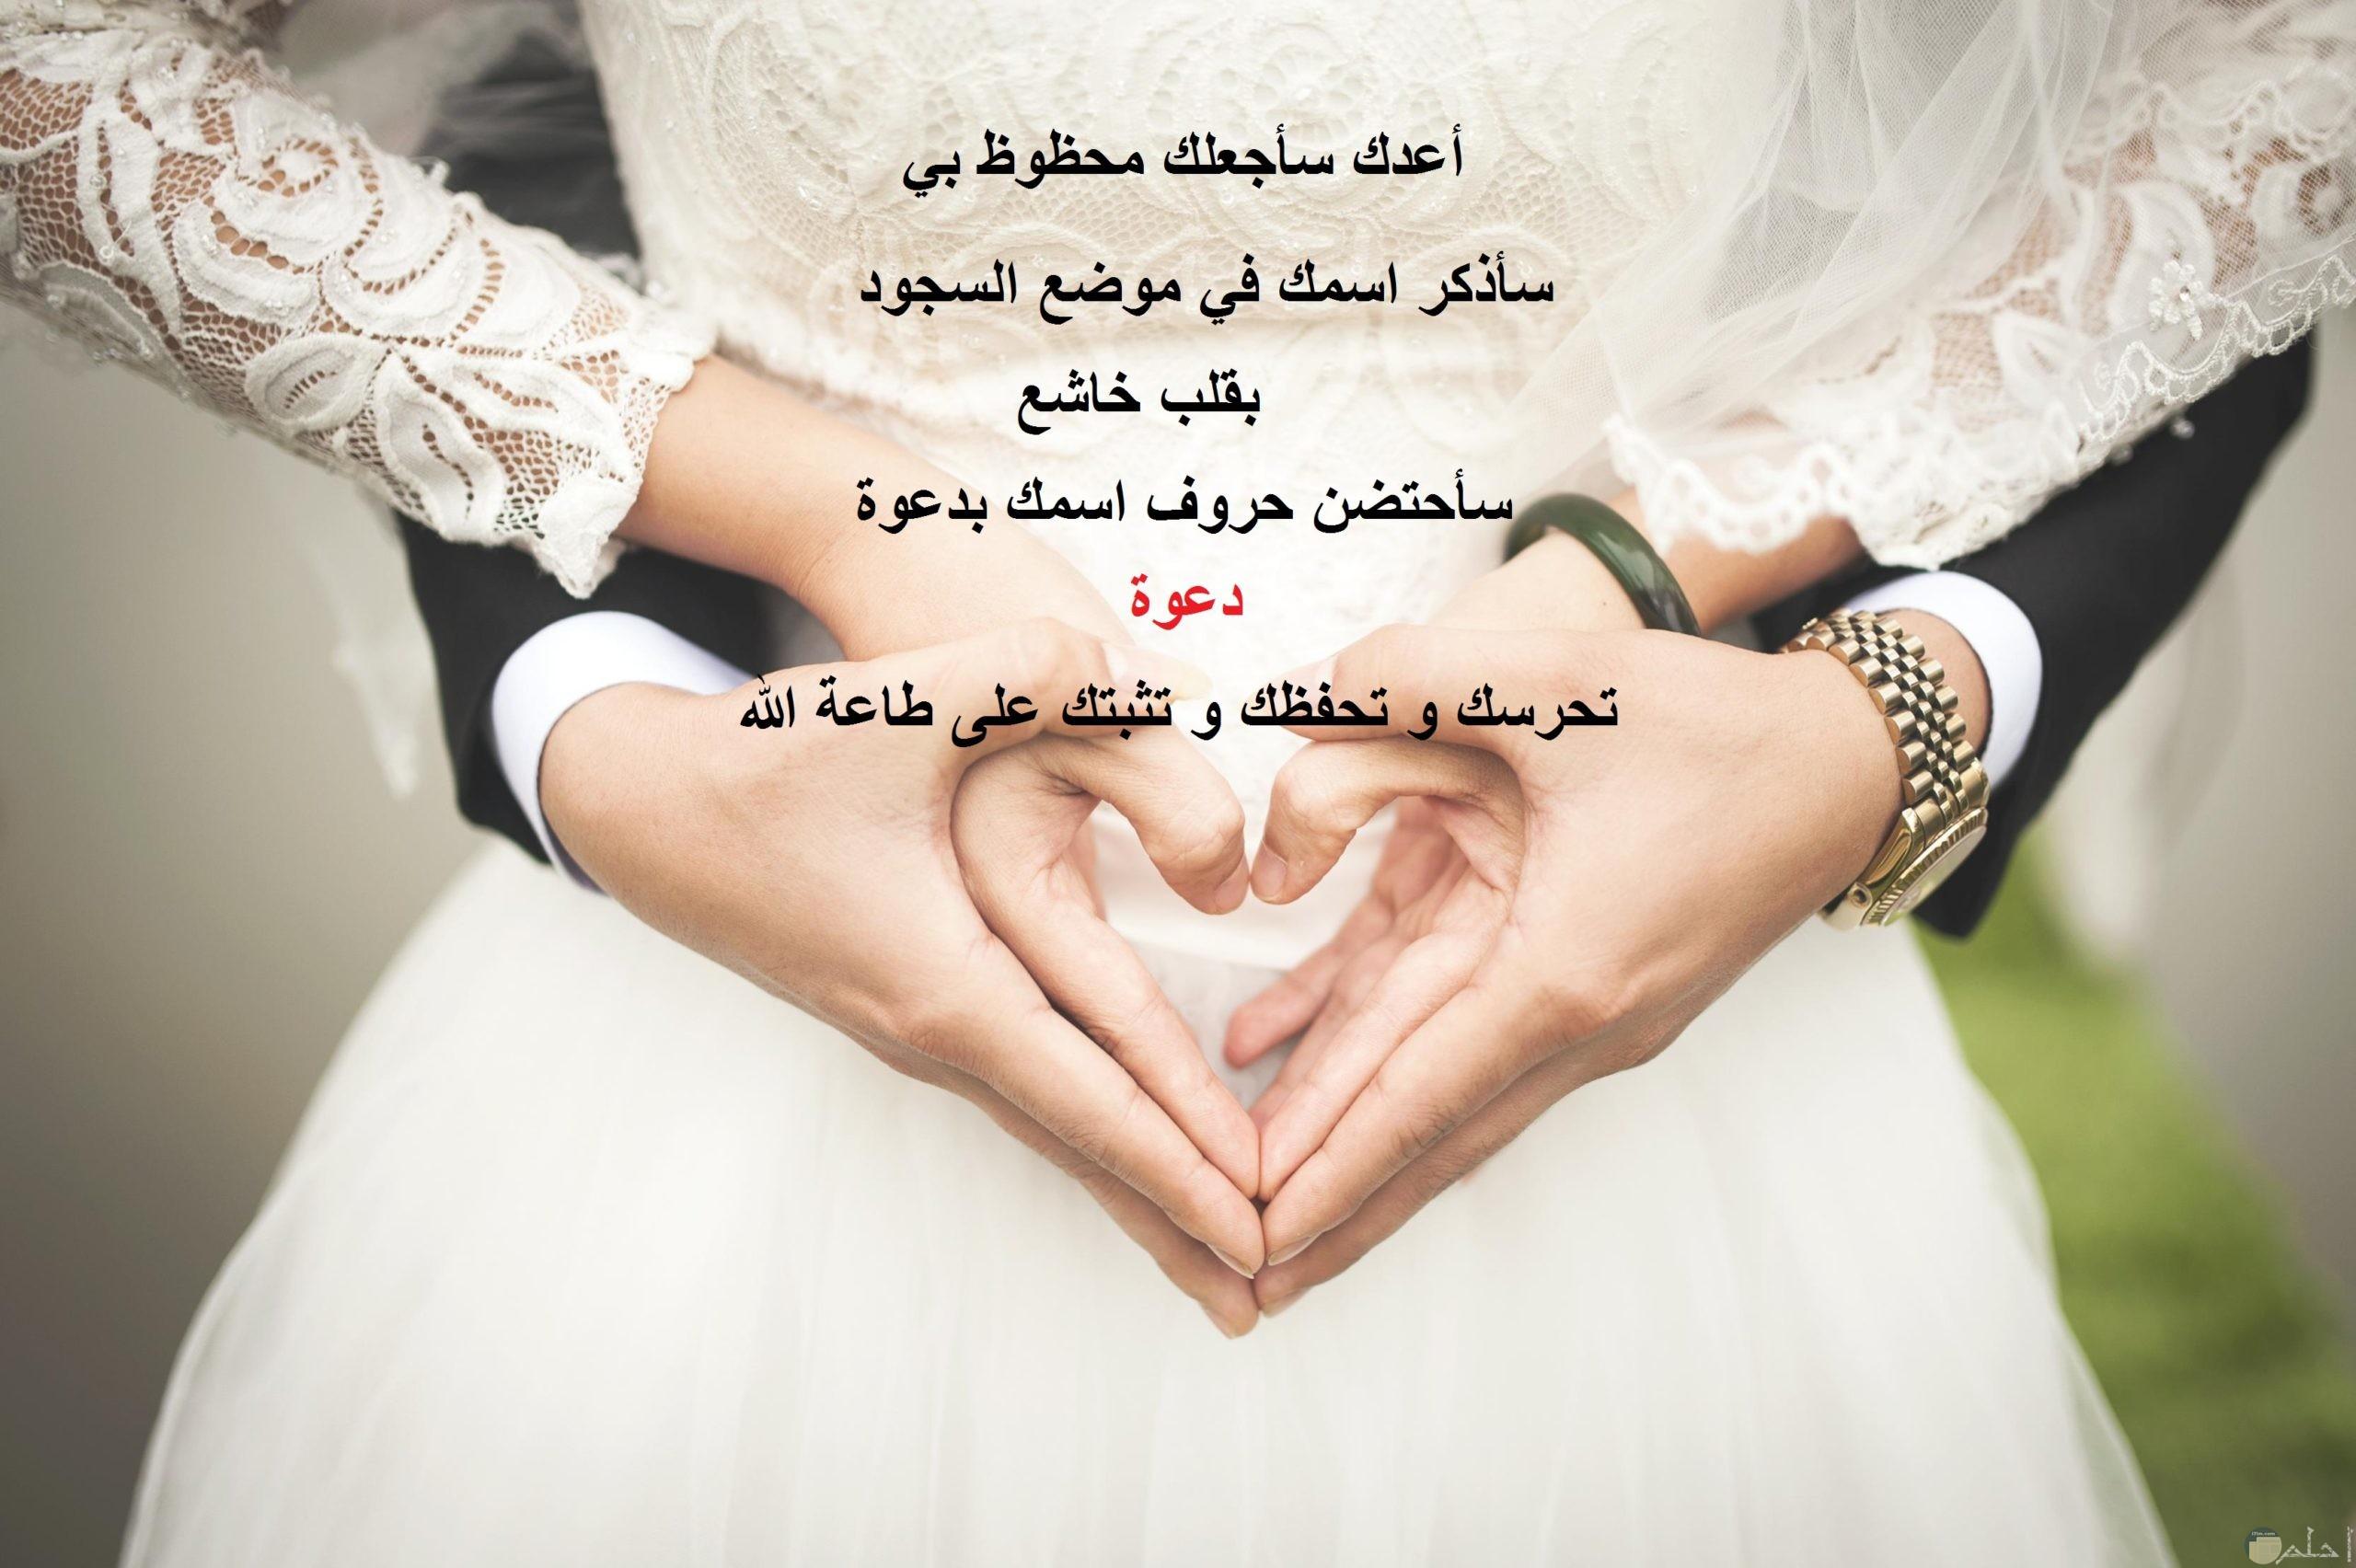 وعد و دعاء للزوج.